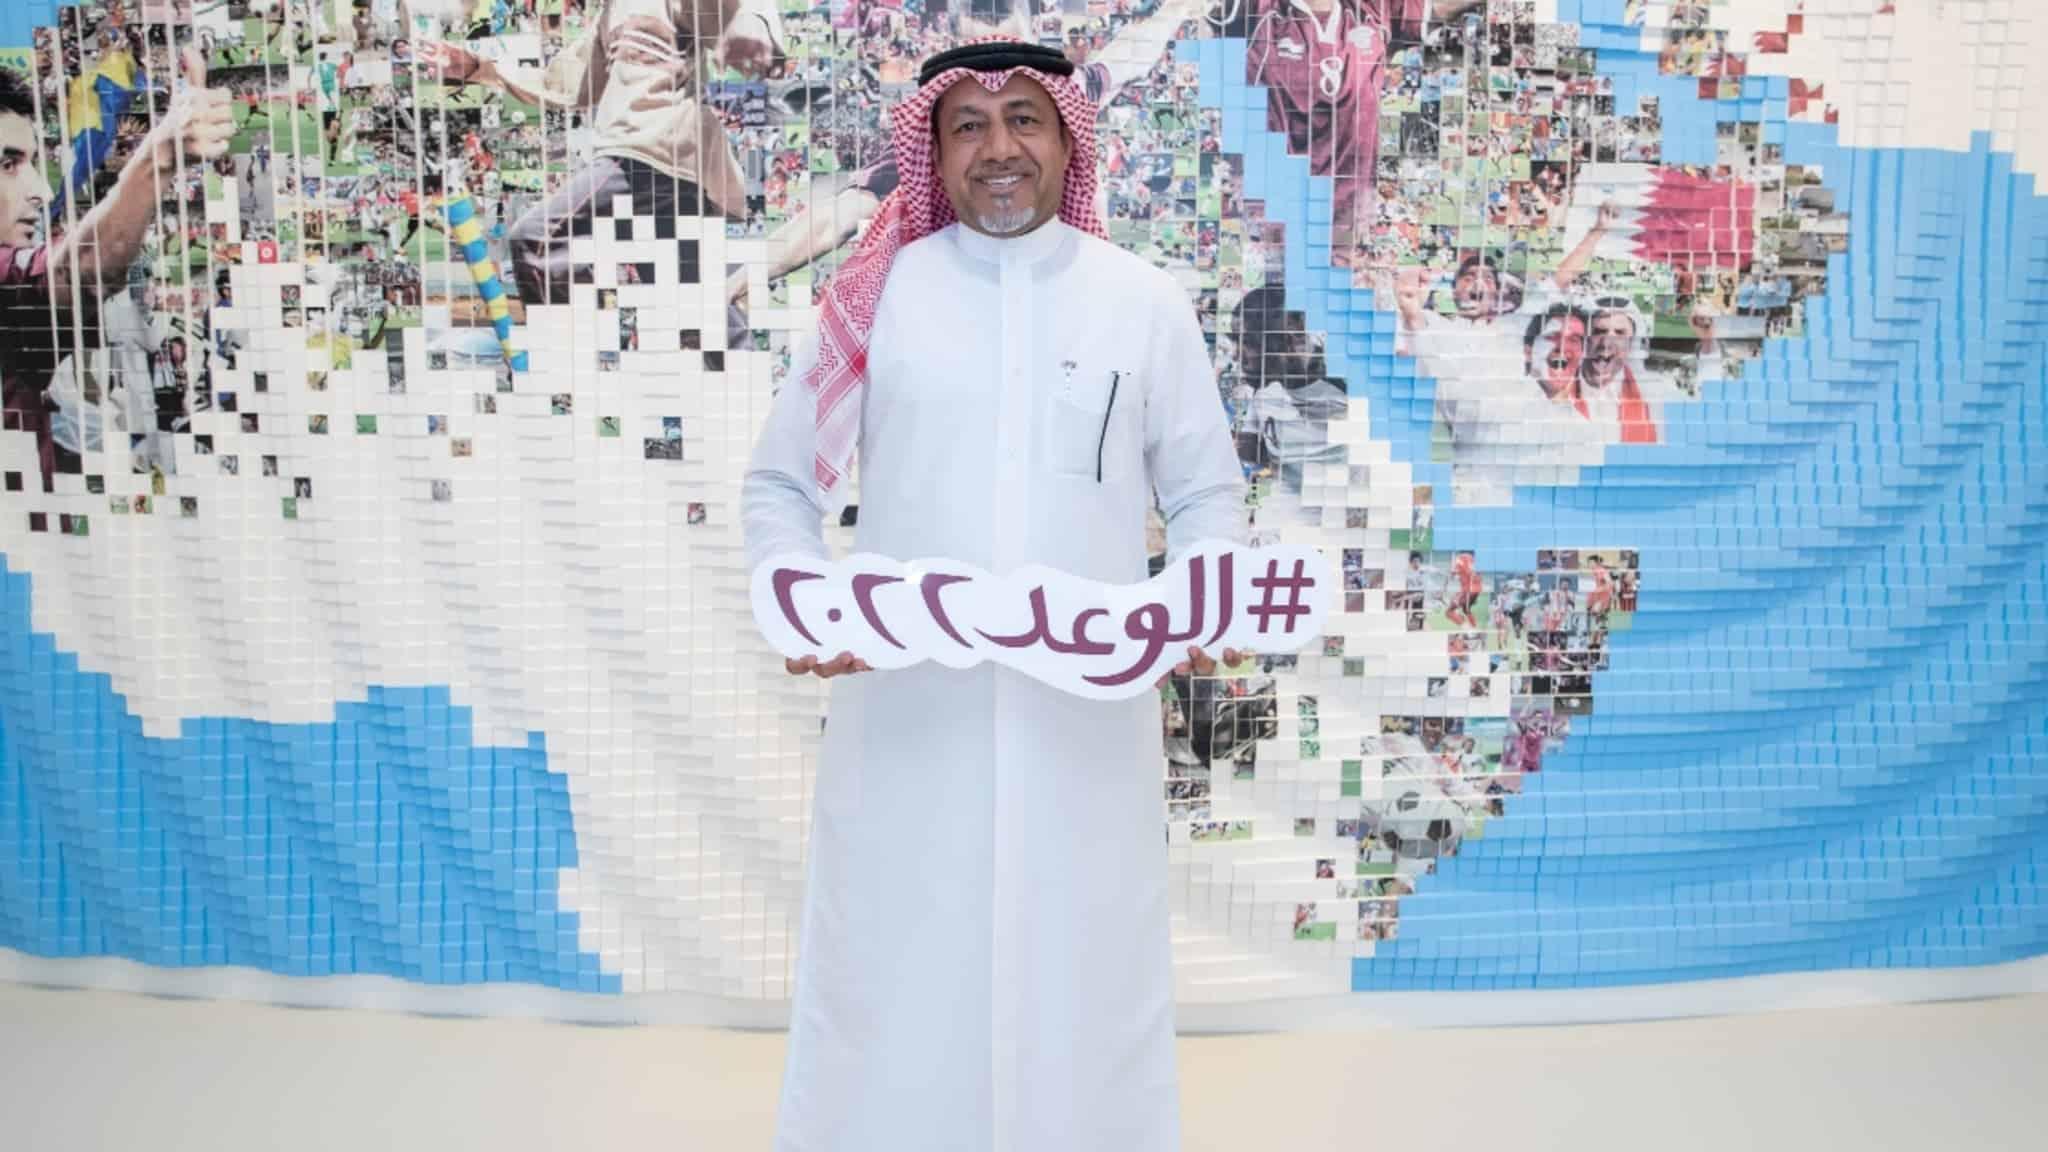 Copa Mundial de la FIFA 2022 Noticias Salman